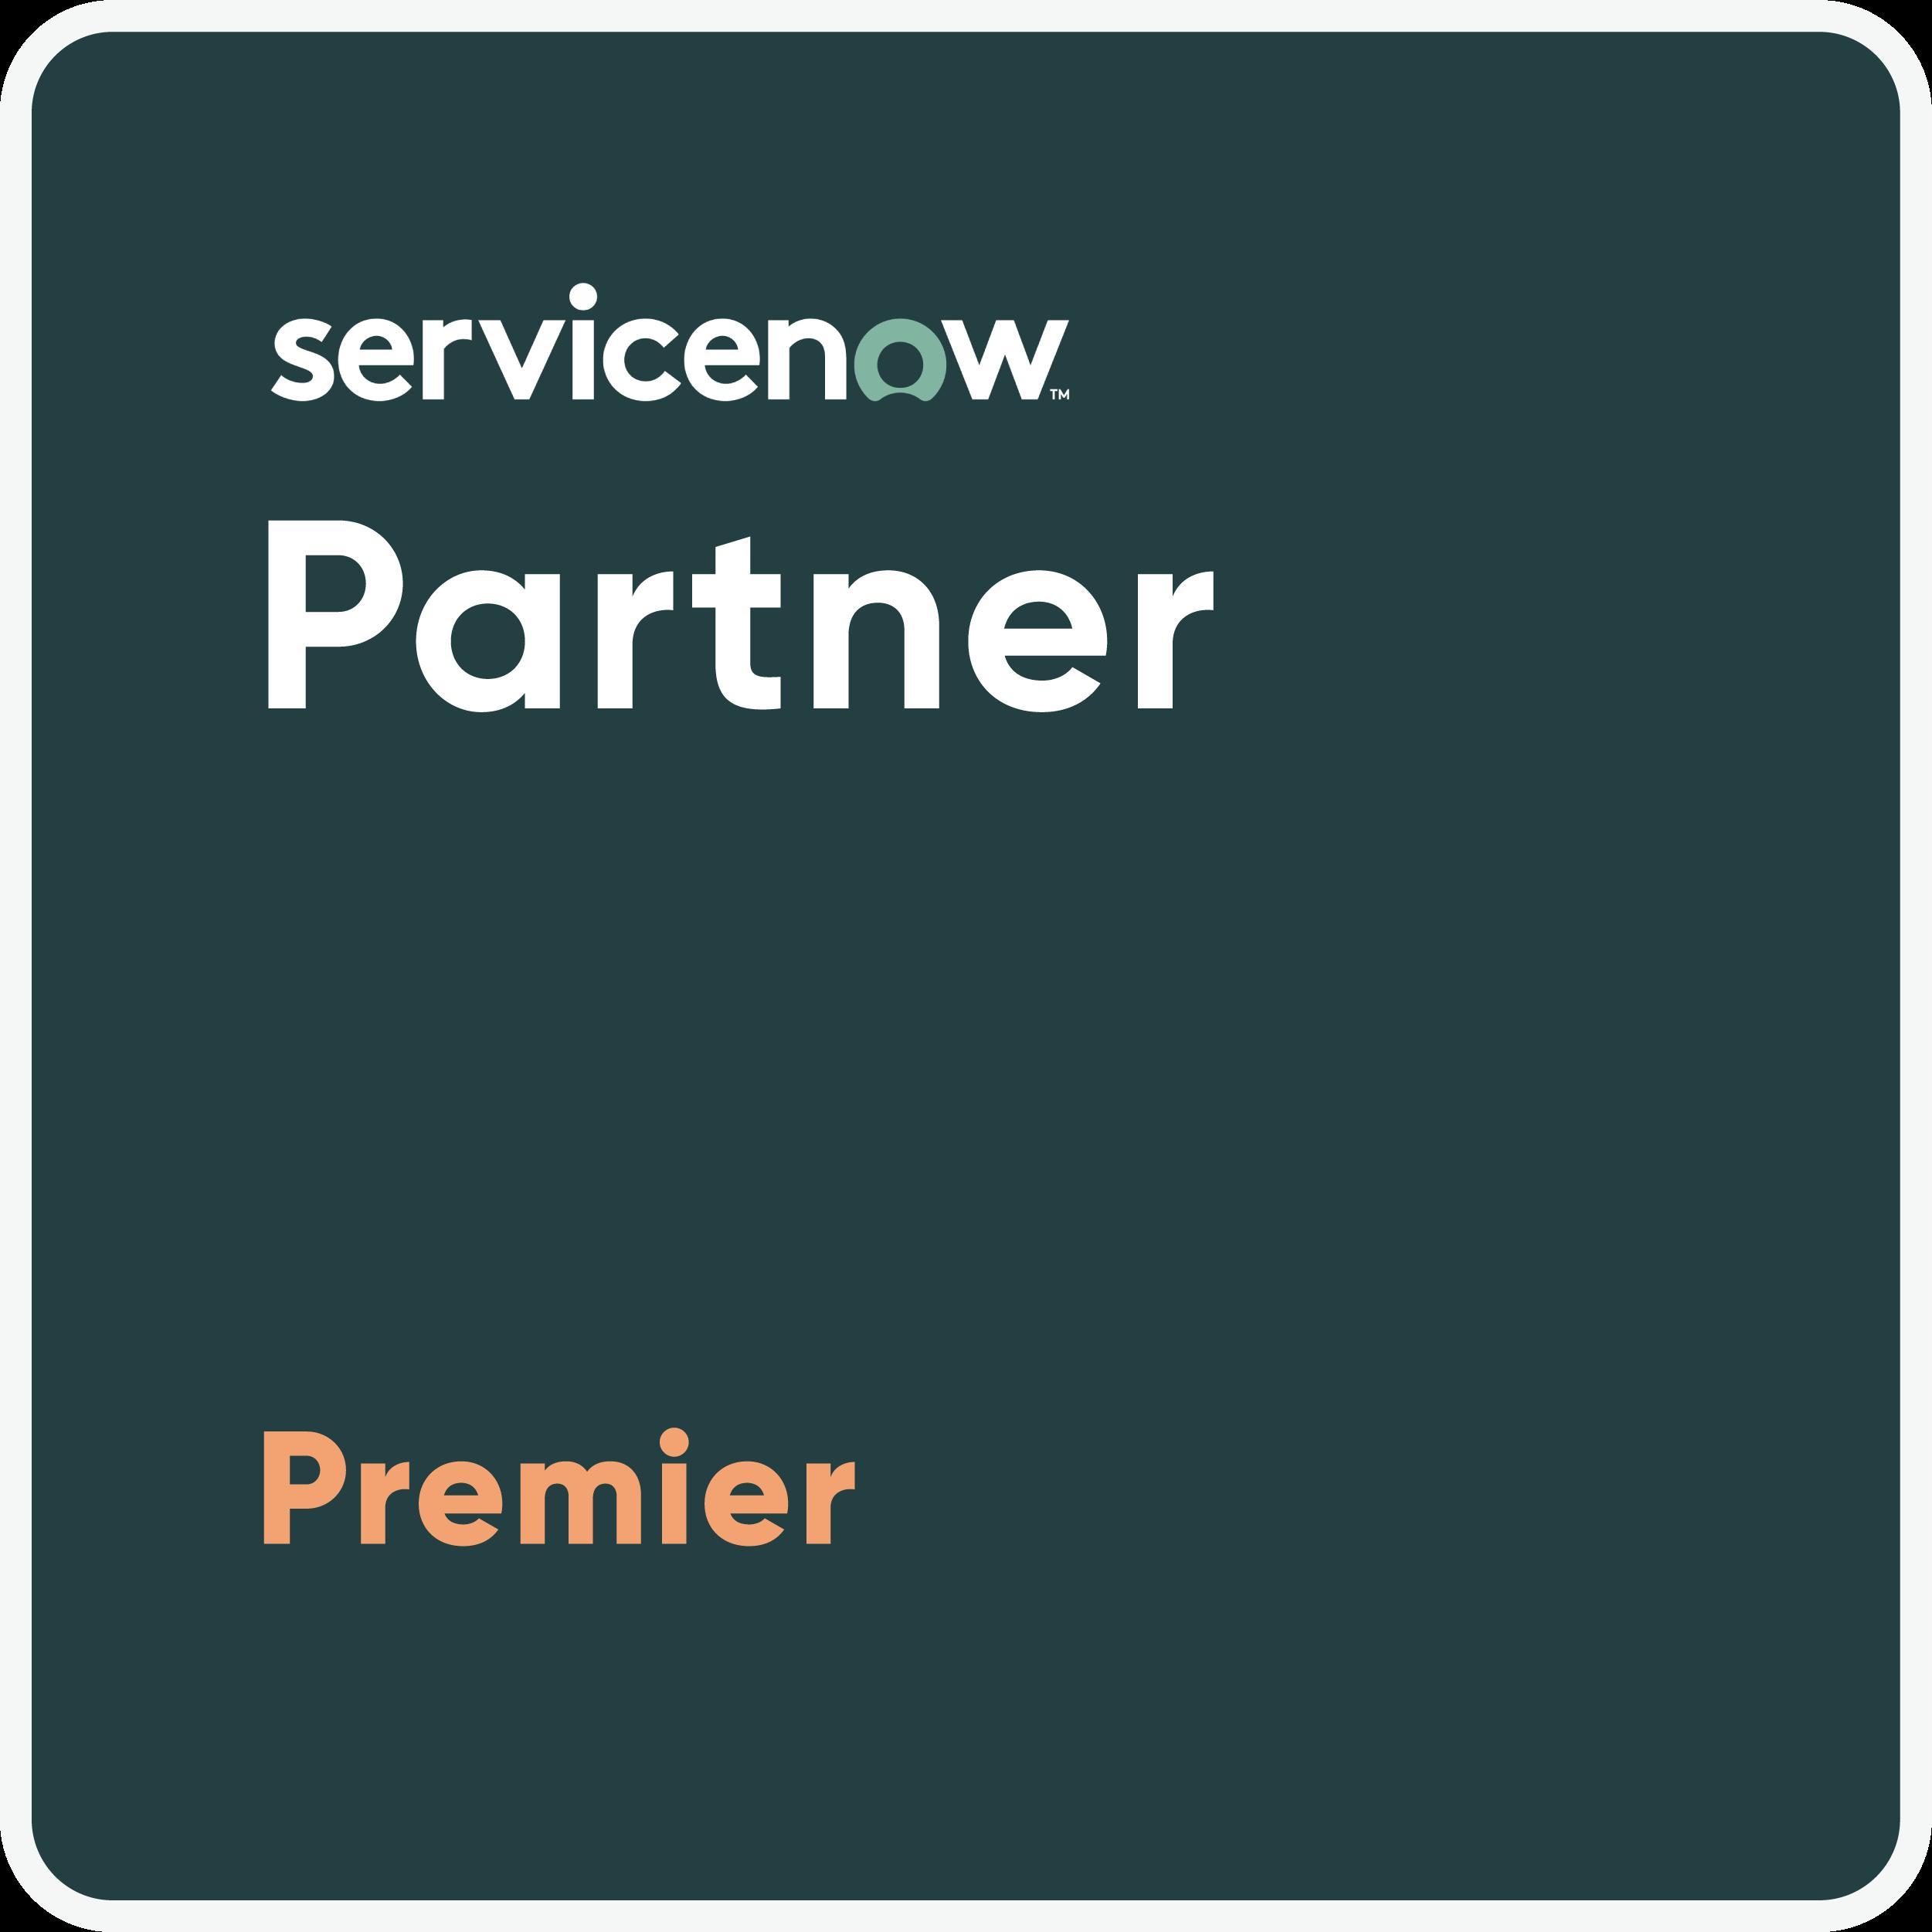 ServicenNow Premier Parner Badge